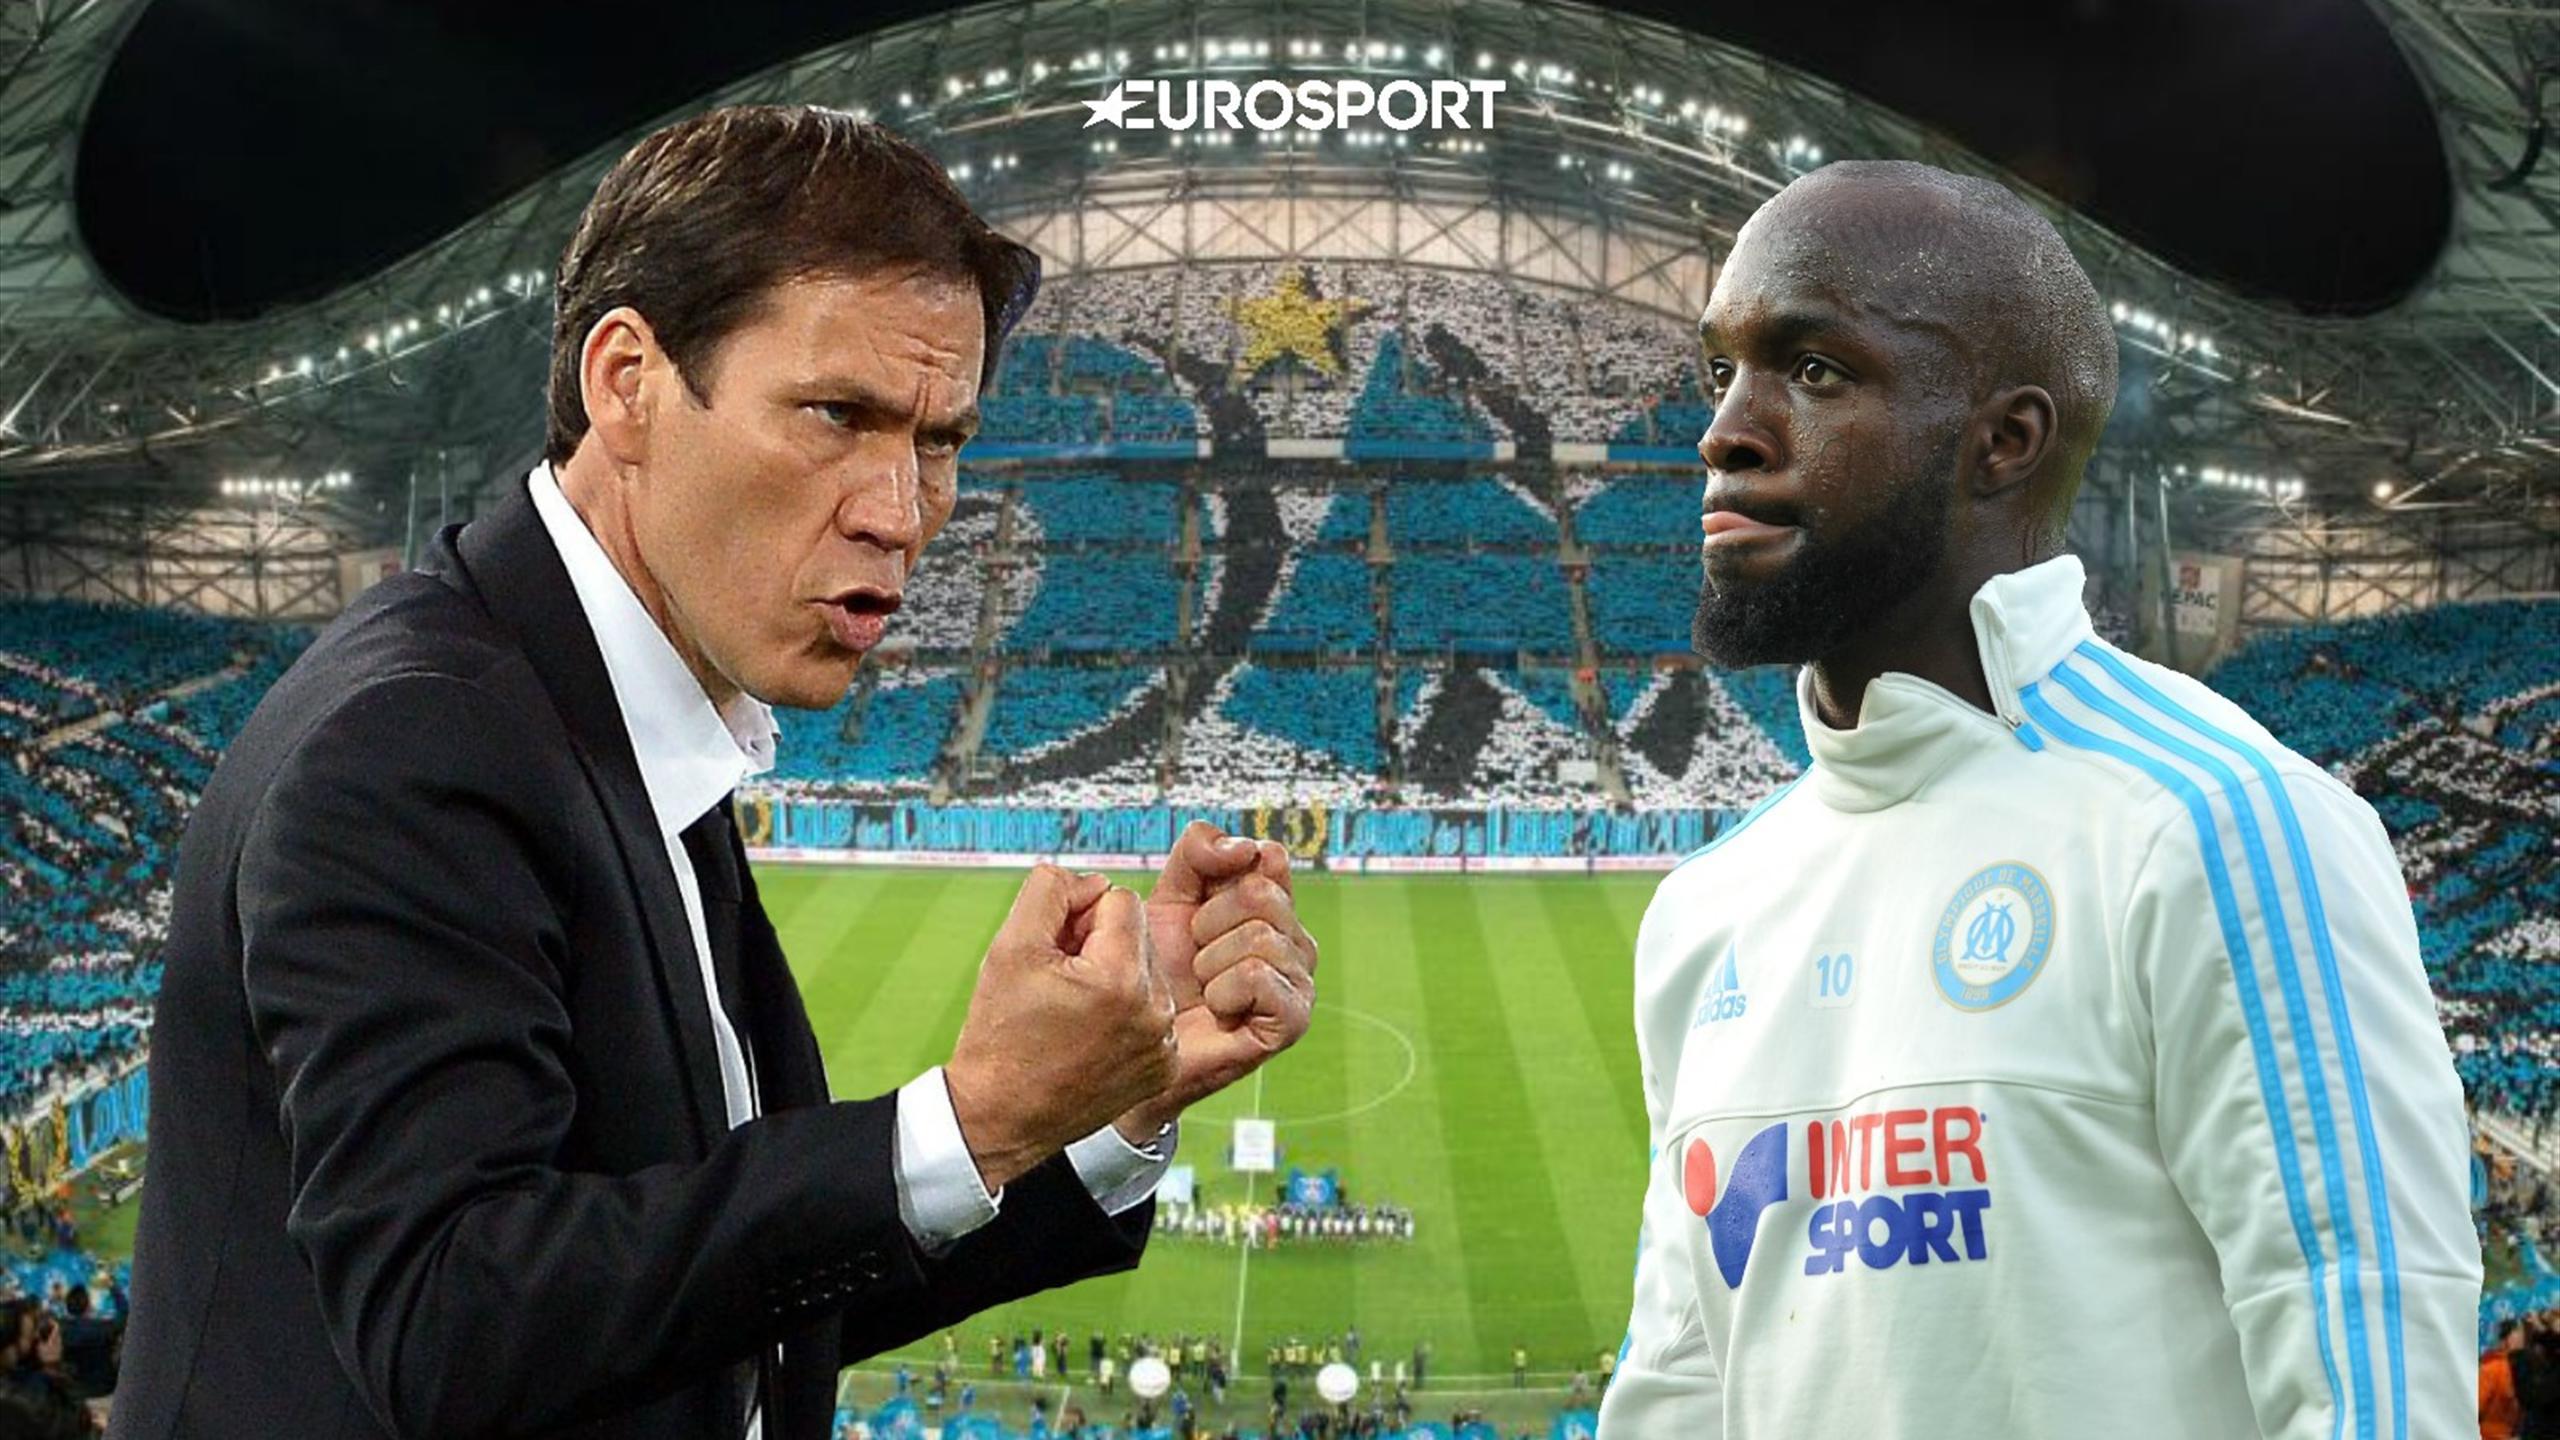 Владелец футбольного французского клуб марсель